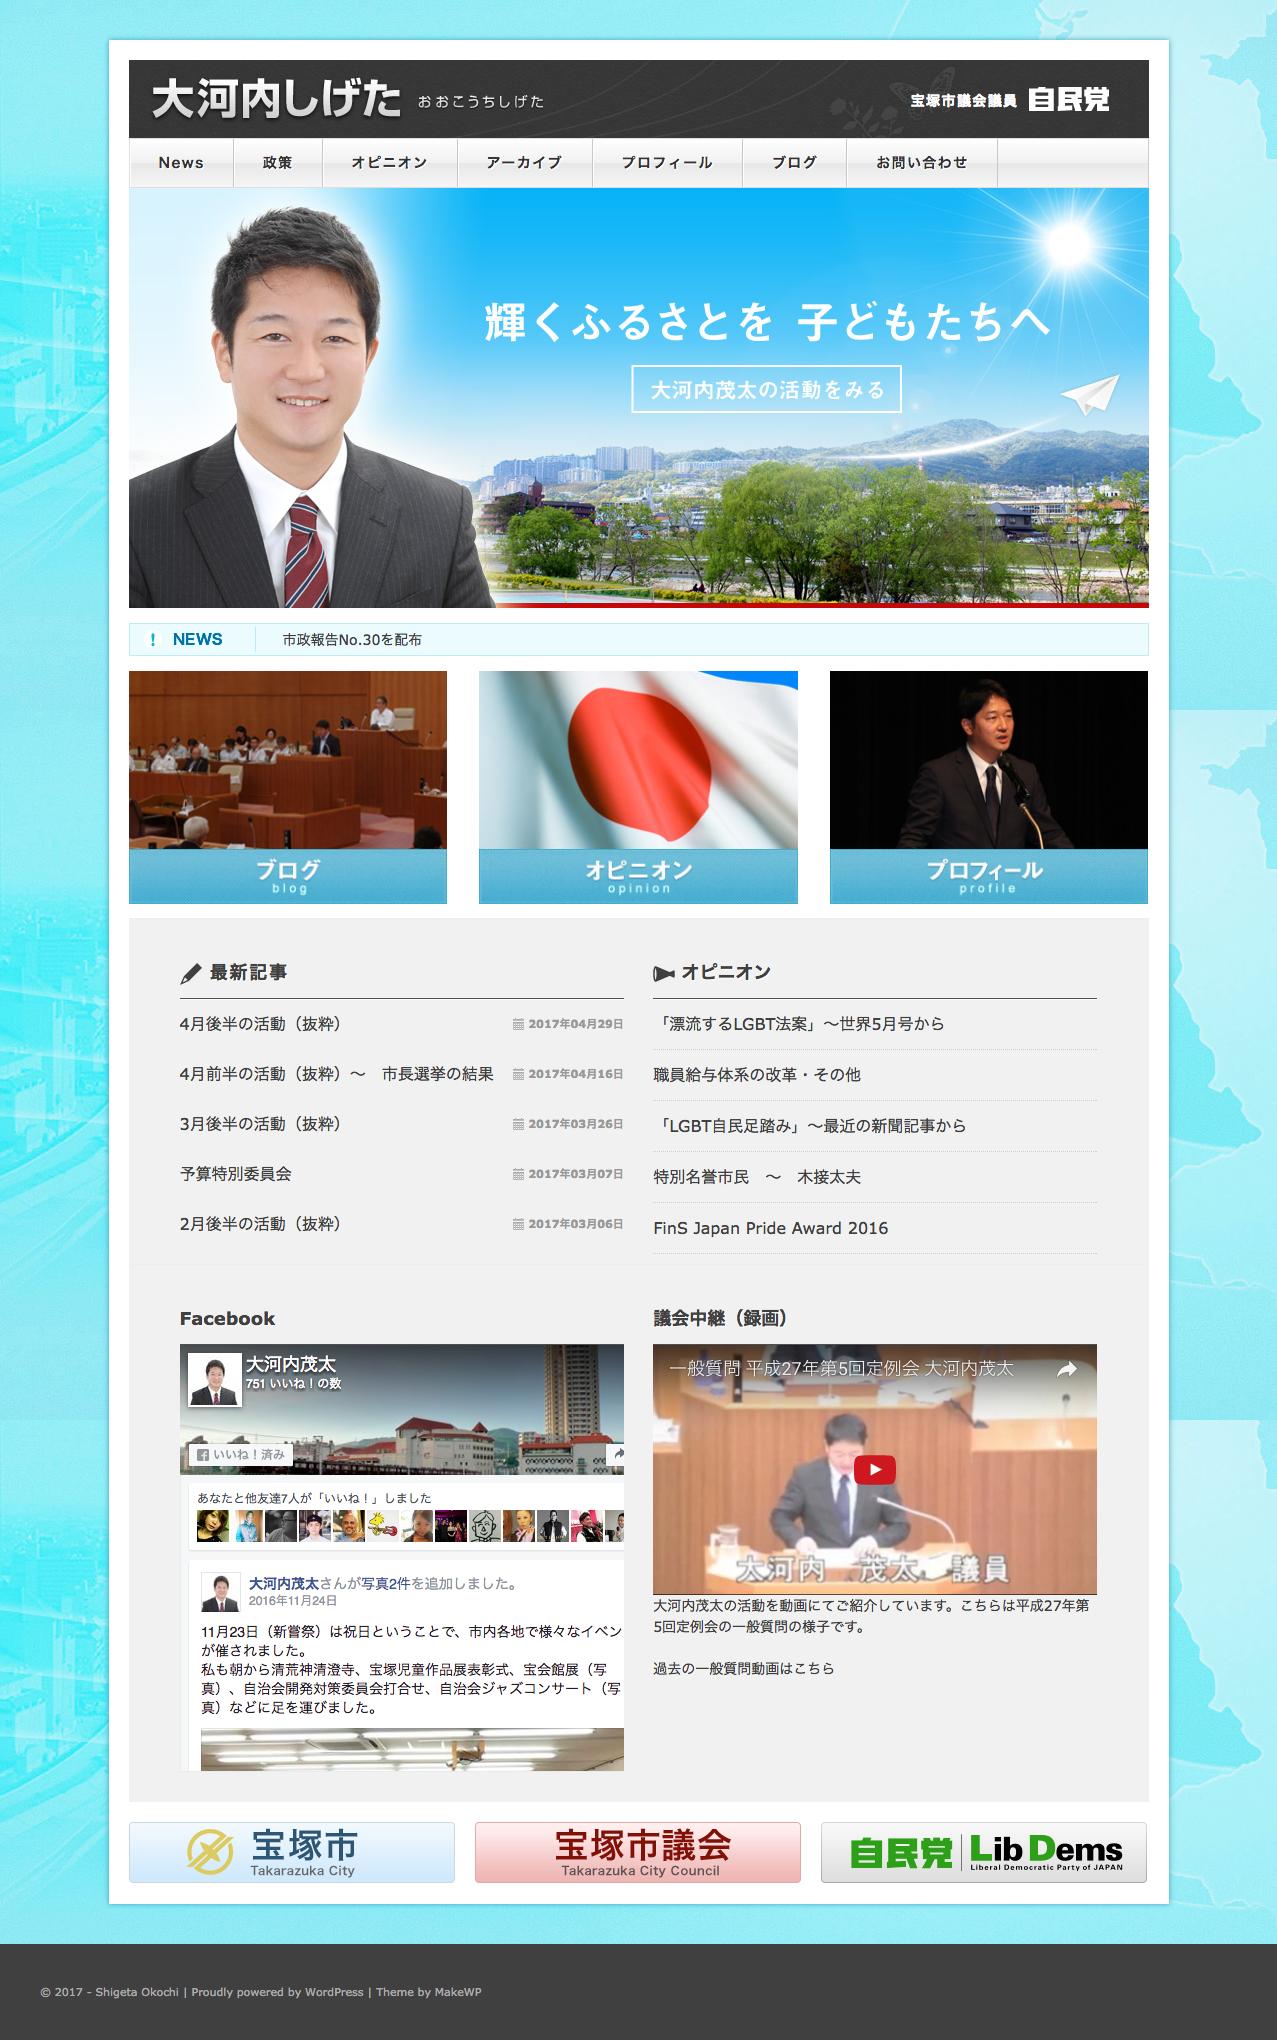 okochi.org